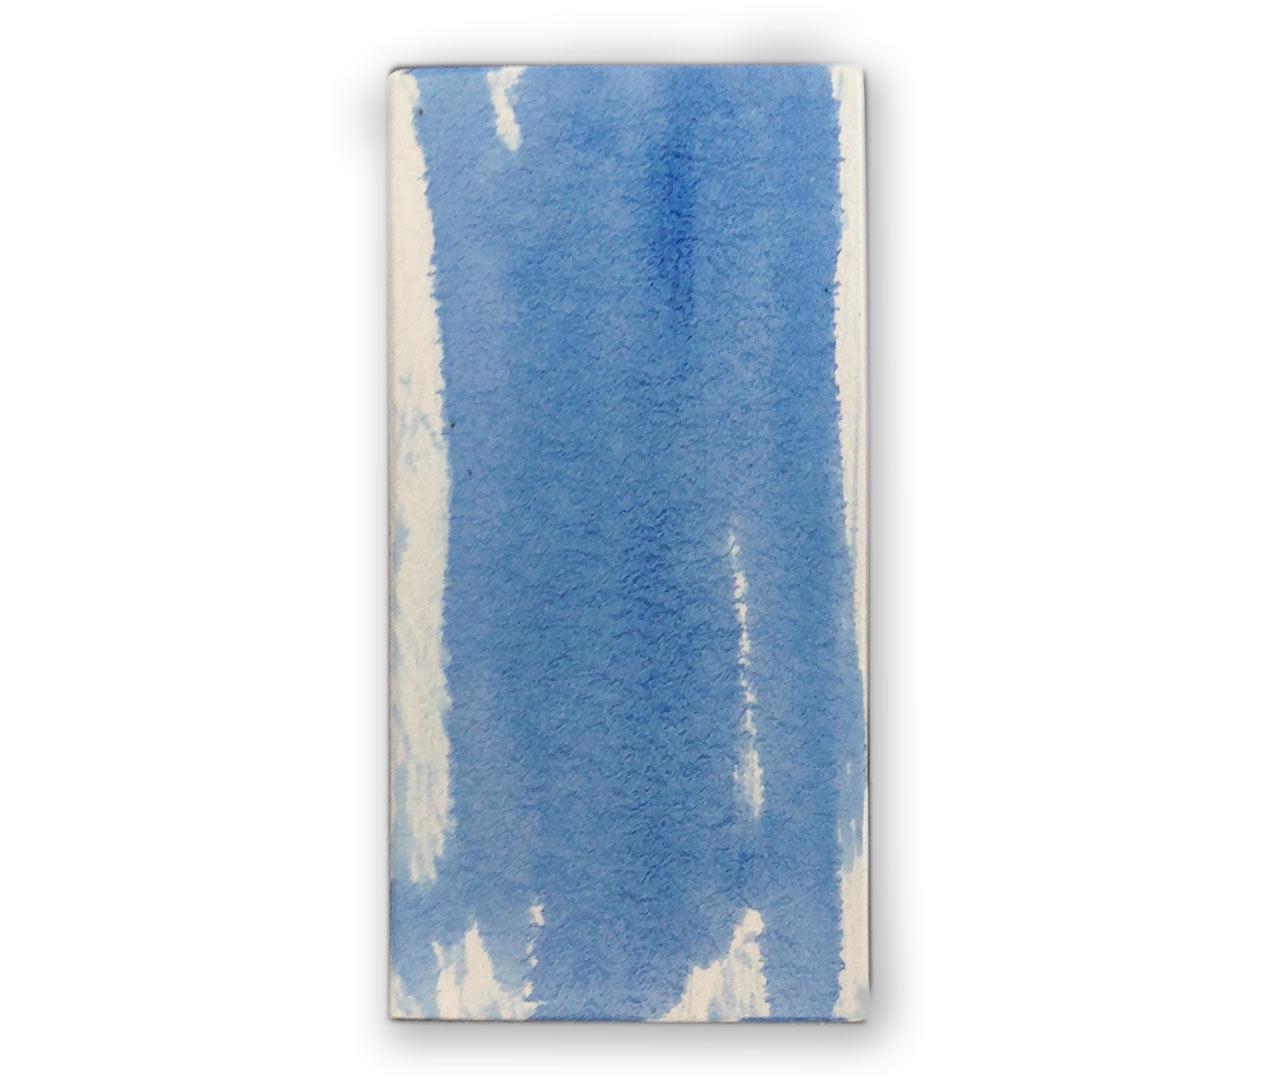 cle-Watermark-Tiles-Deborah-Osburn-Tilevera-5-indigo-stroke